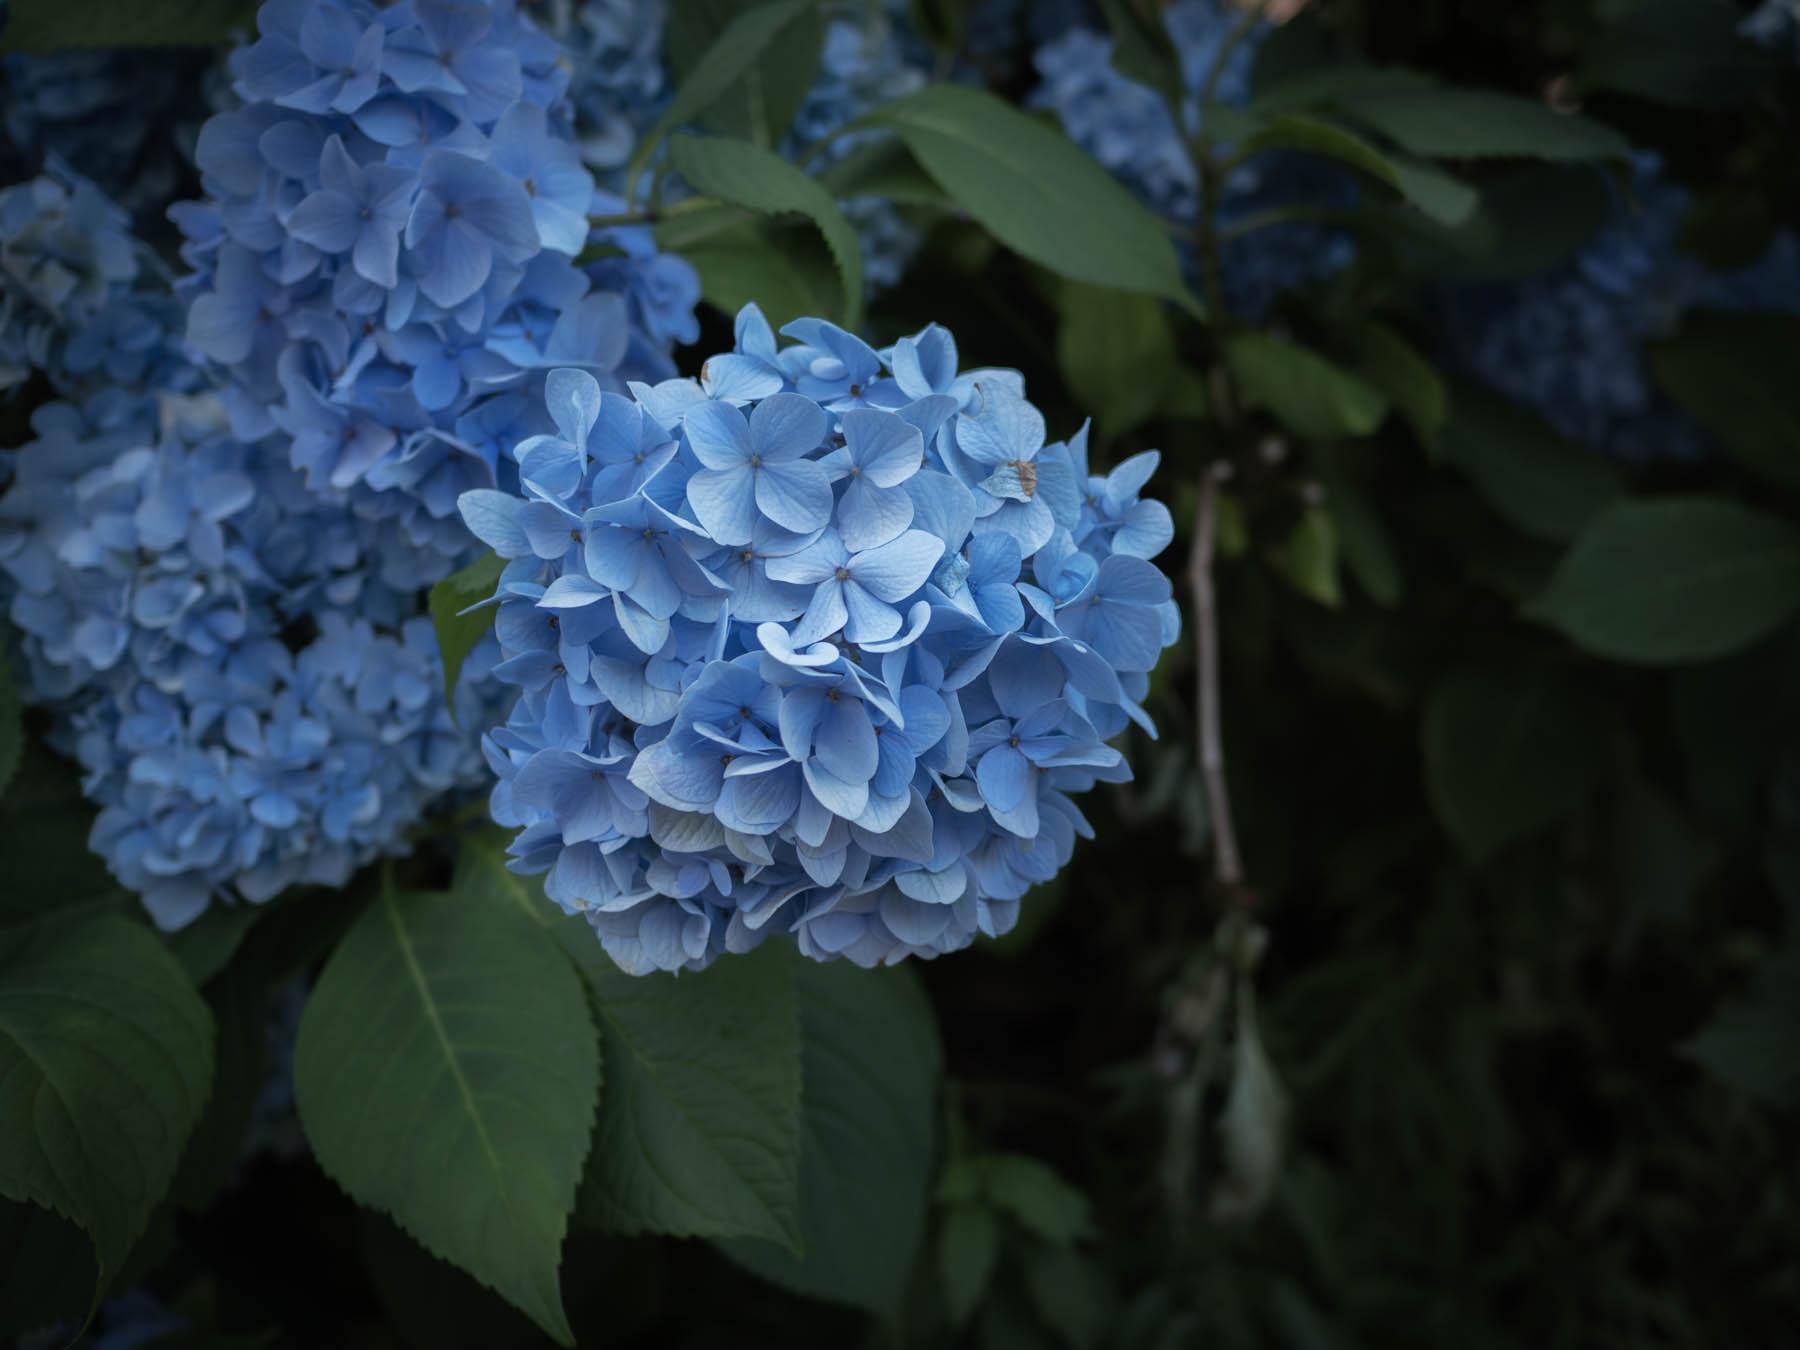 日陰に浮かびあがる妖艶で涼やかな紫陽花の青